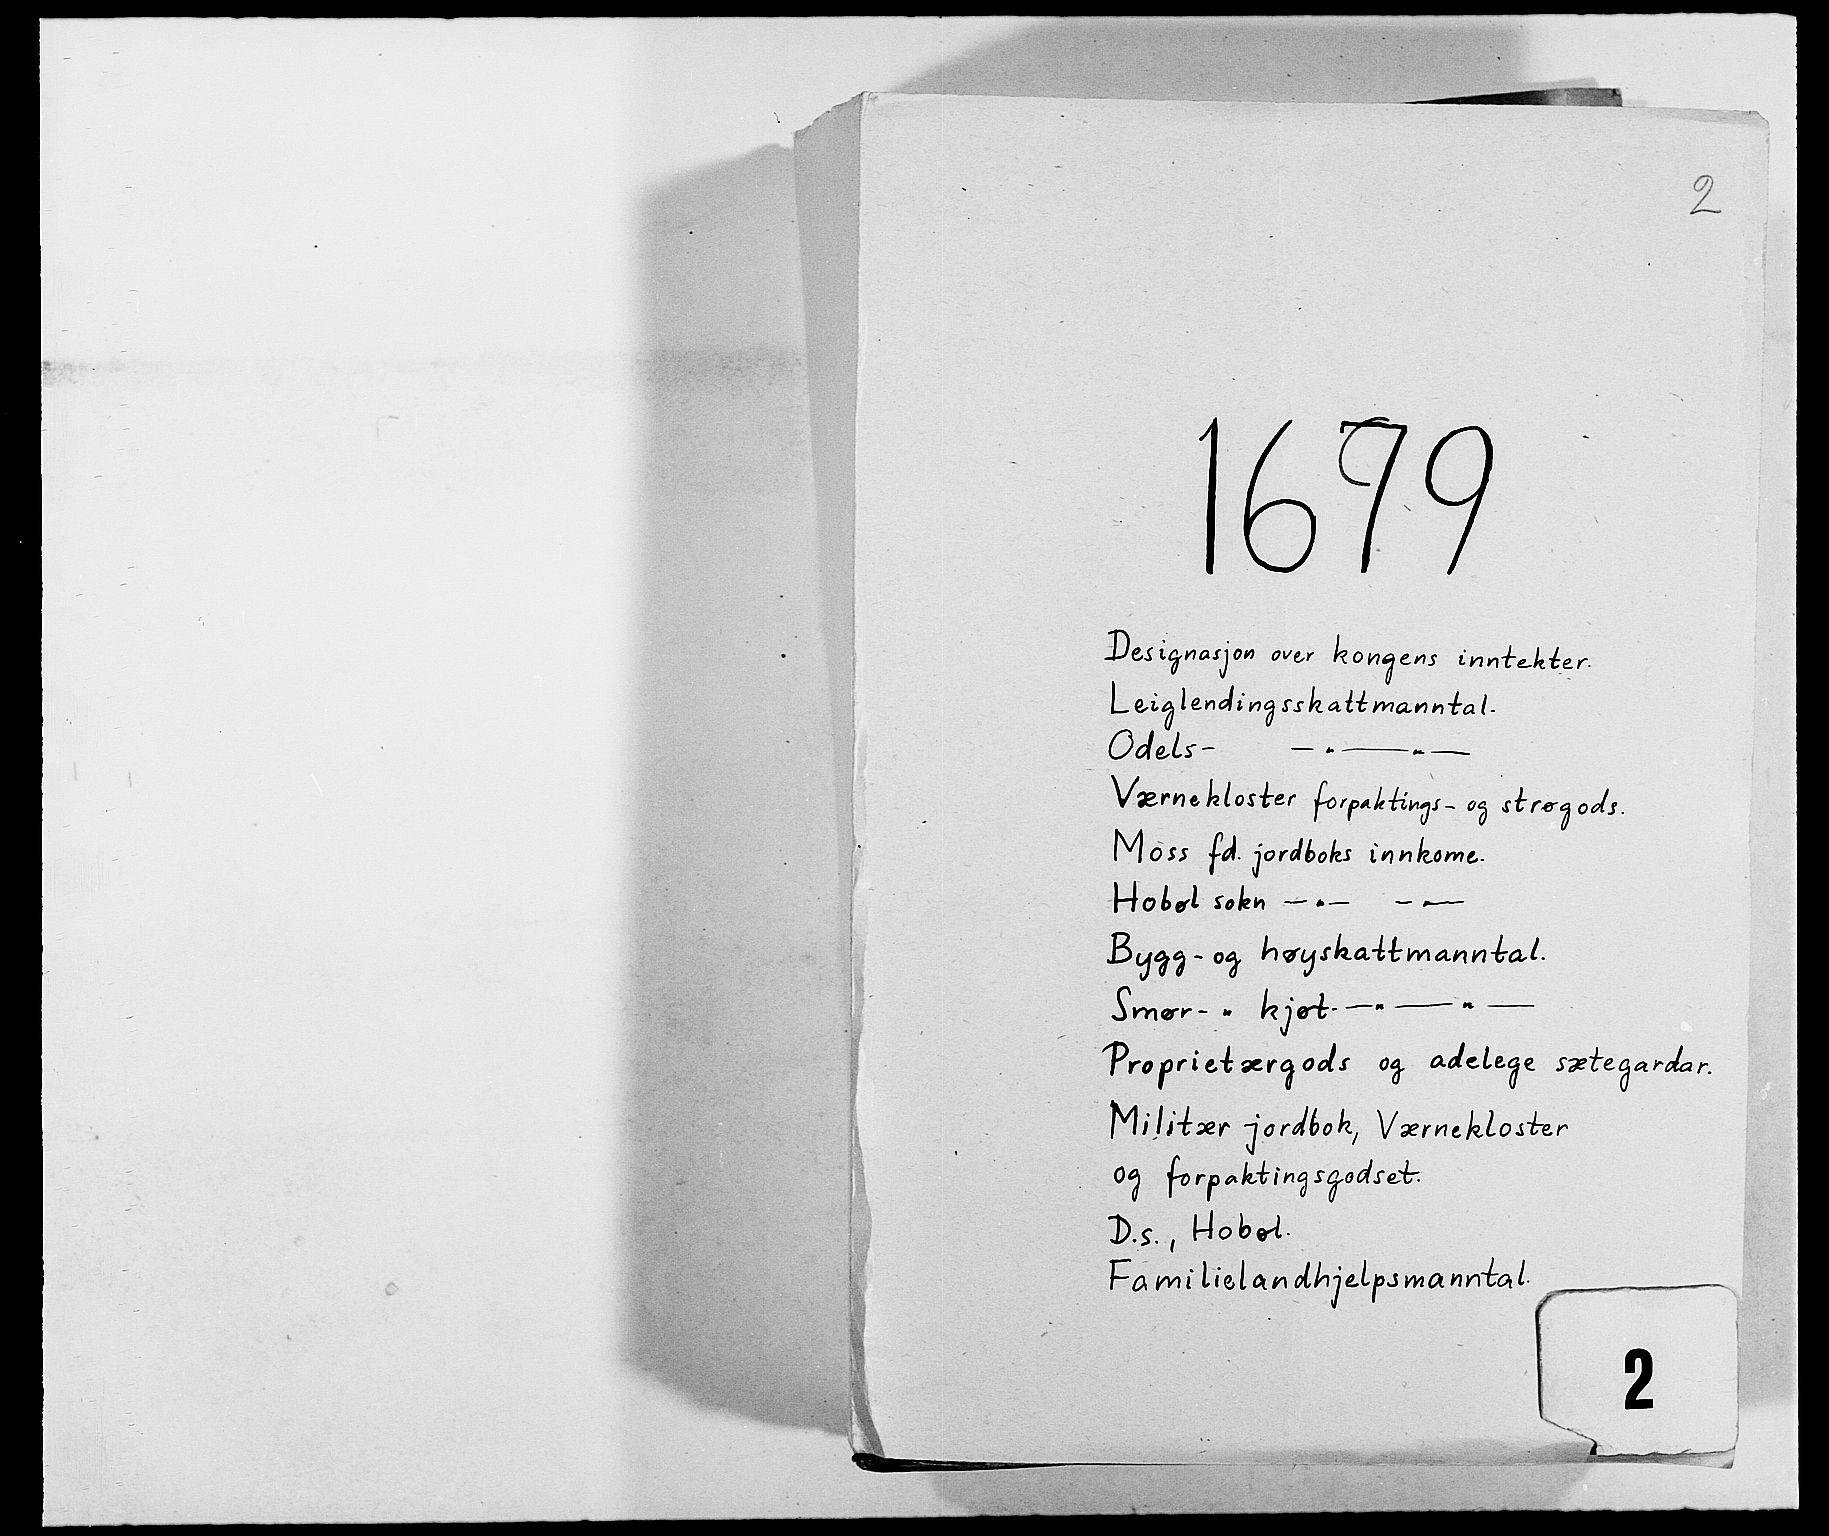 RA, Rentekammeret inntil 1814, Reviderte regnskaper, Fogderegnskap, R02/L0100: Fogderegnskap Moss og Verne kloster, 1679, s. 1